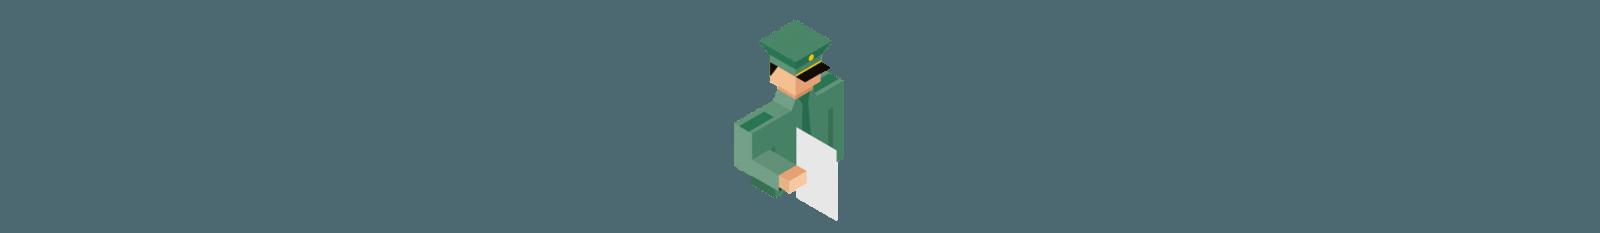 Легкая профессия - Таможенный декларант